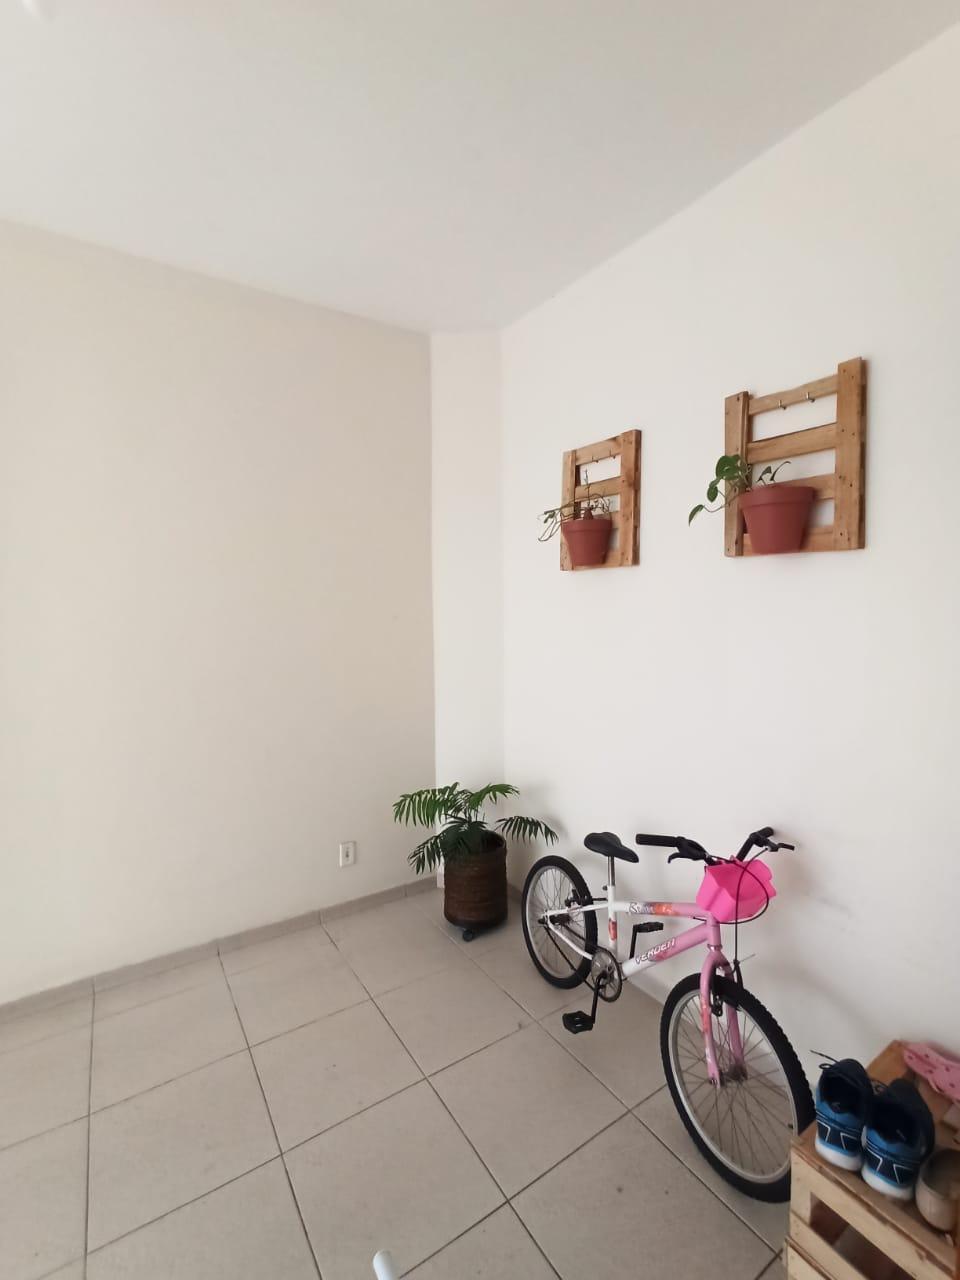 Casa com 3 quartos, sendo um suíte, sala 2 ambientes, três banheiros e duas vagas de garagem. - foto 17